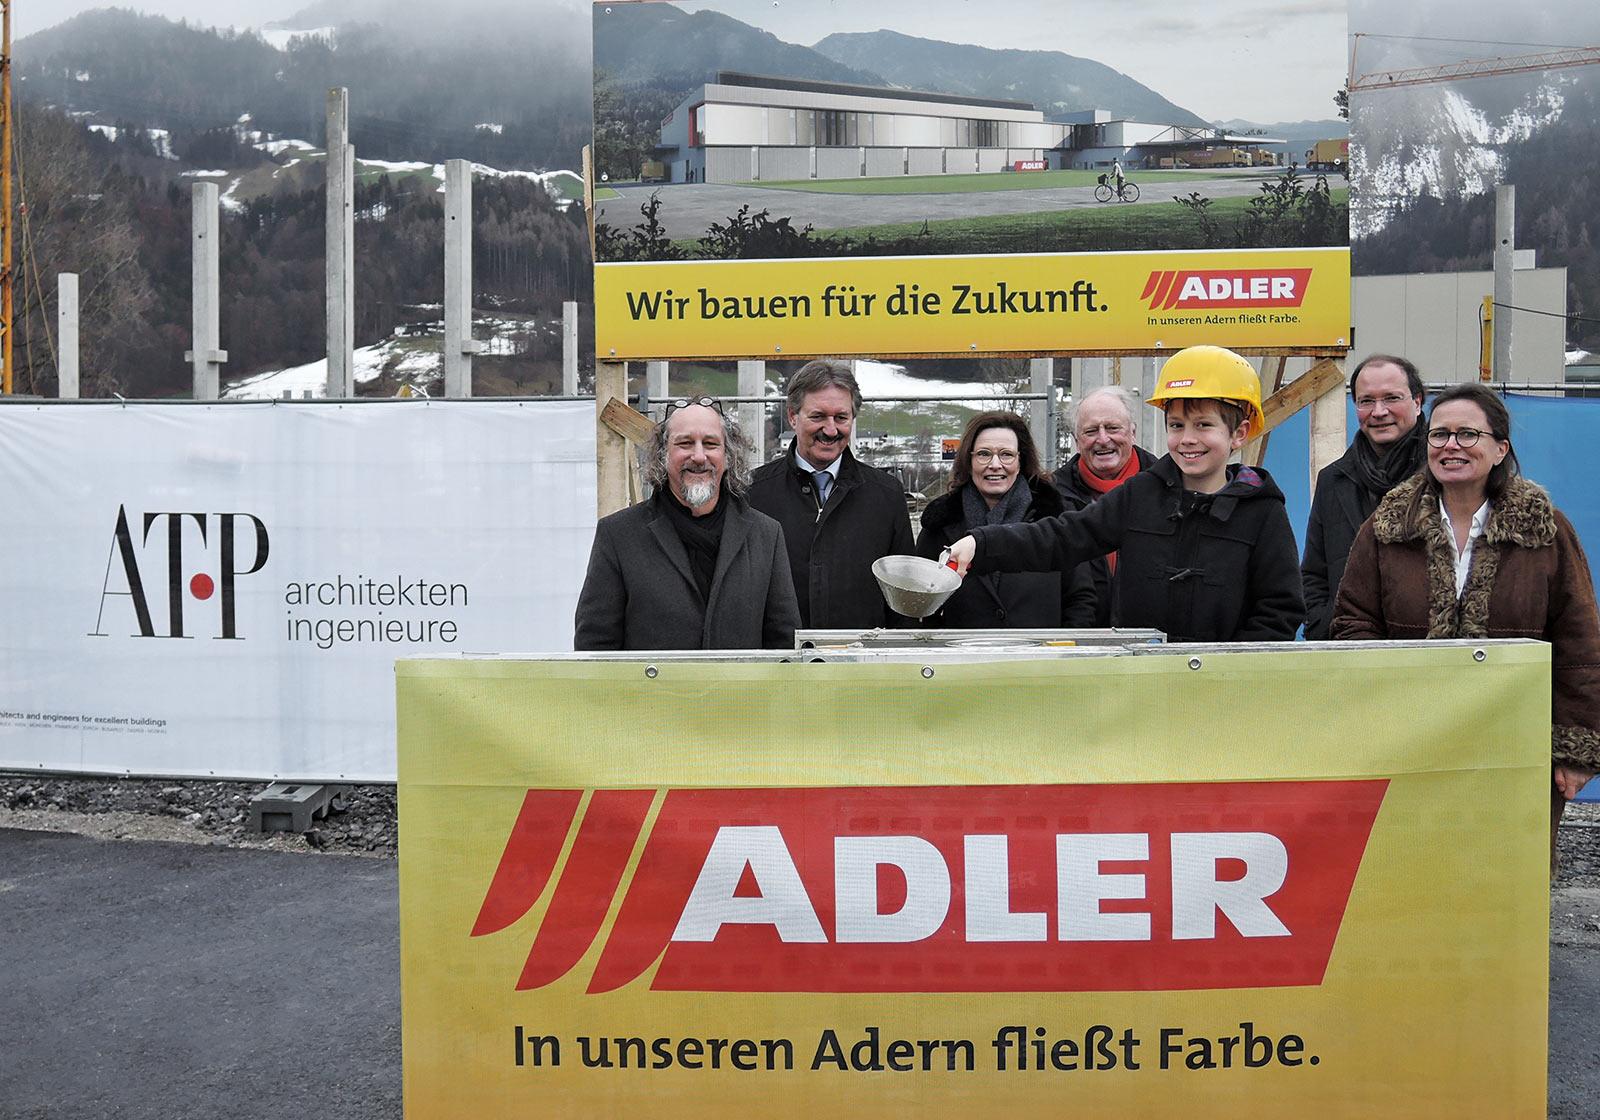 Architekt Gerhard Oberrauch (ATP), Bürgermeister Lintner, ADLER GF Andrea Berghofer,  Günther Berghofer und Sixtus, Thomas Bodner und Claudia Berghofer freuen sich sichtlich. Foto: ADLER